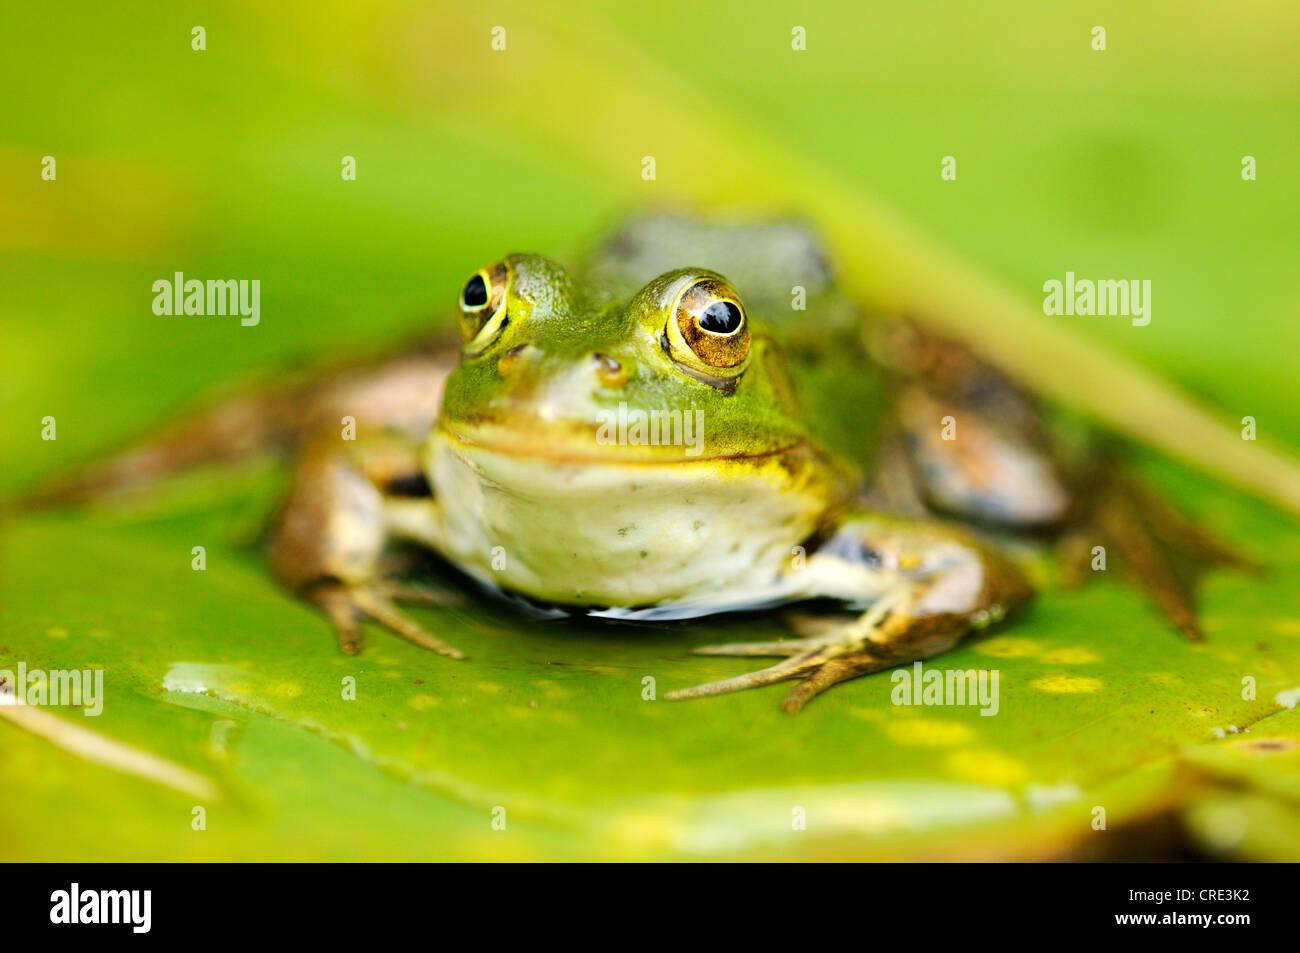 Pool-Frosch (Rana Lessonae), sitzt auf einem Blatt, Selegermoor Moor, Zürich, Schweiz, Europa Stockbild